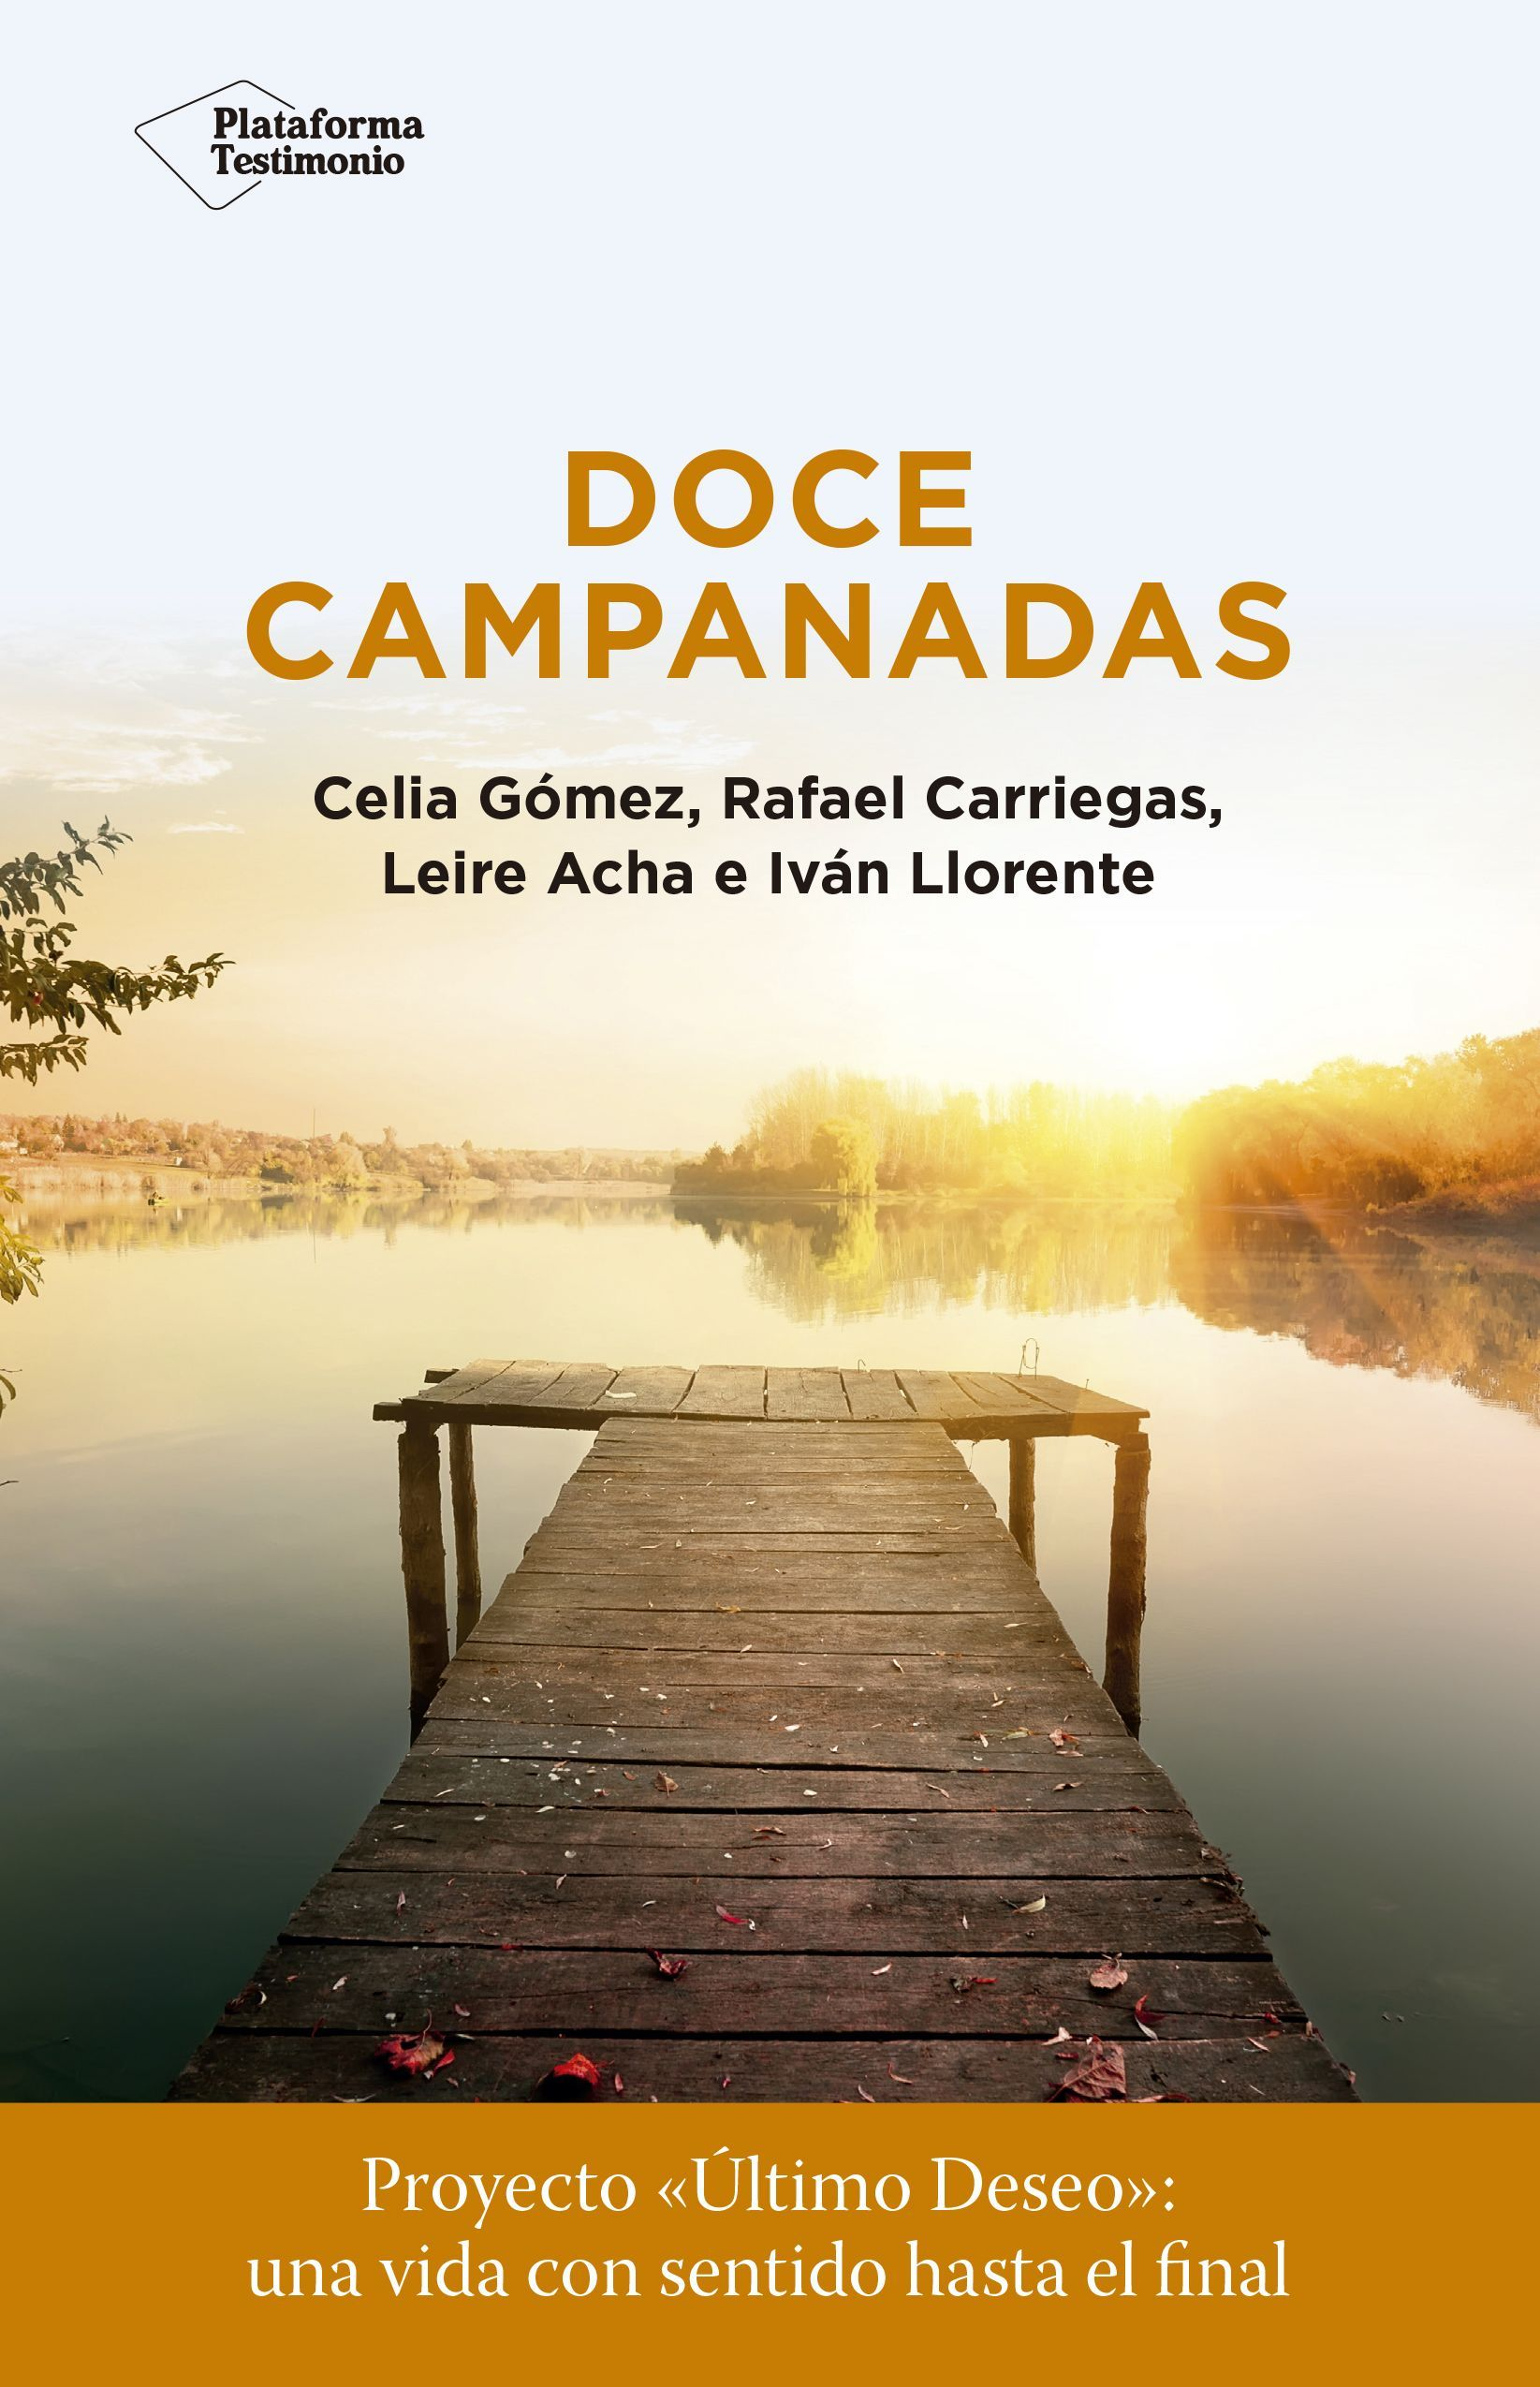 """Celia Gómez, Rafael Carriegas, Leire Acha, Iván Llorente """"Doce campanadas"""" PRESENTACIÓN DE LIBRO"""